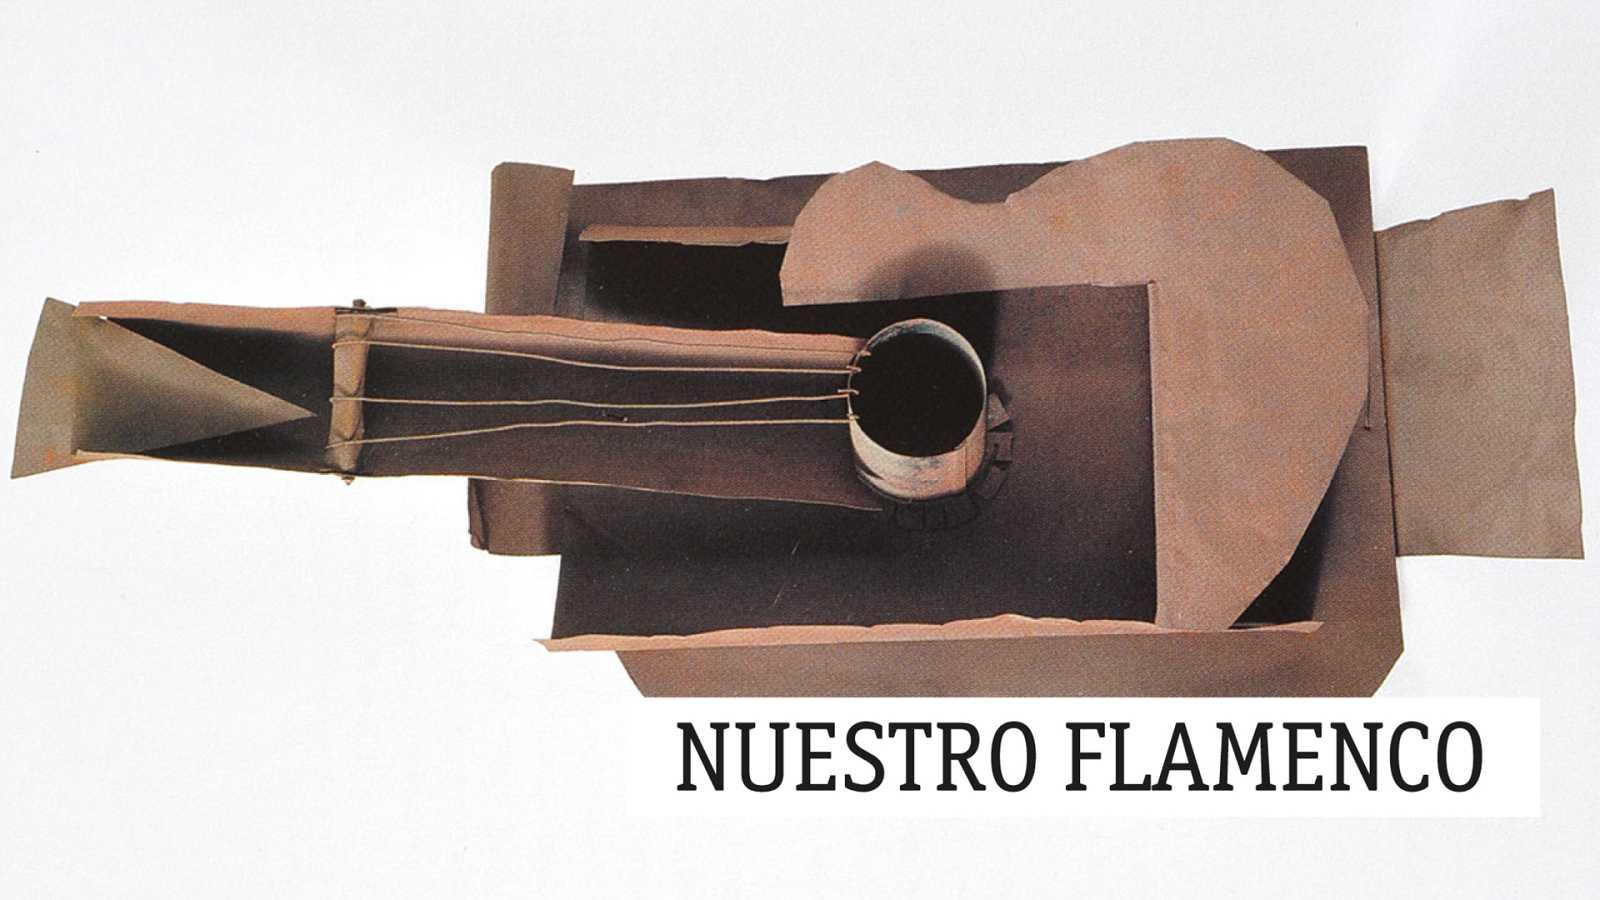 Nuestro flamenco - Bailando en plata - 13/05/21 - escuchar ahora